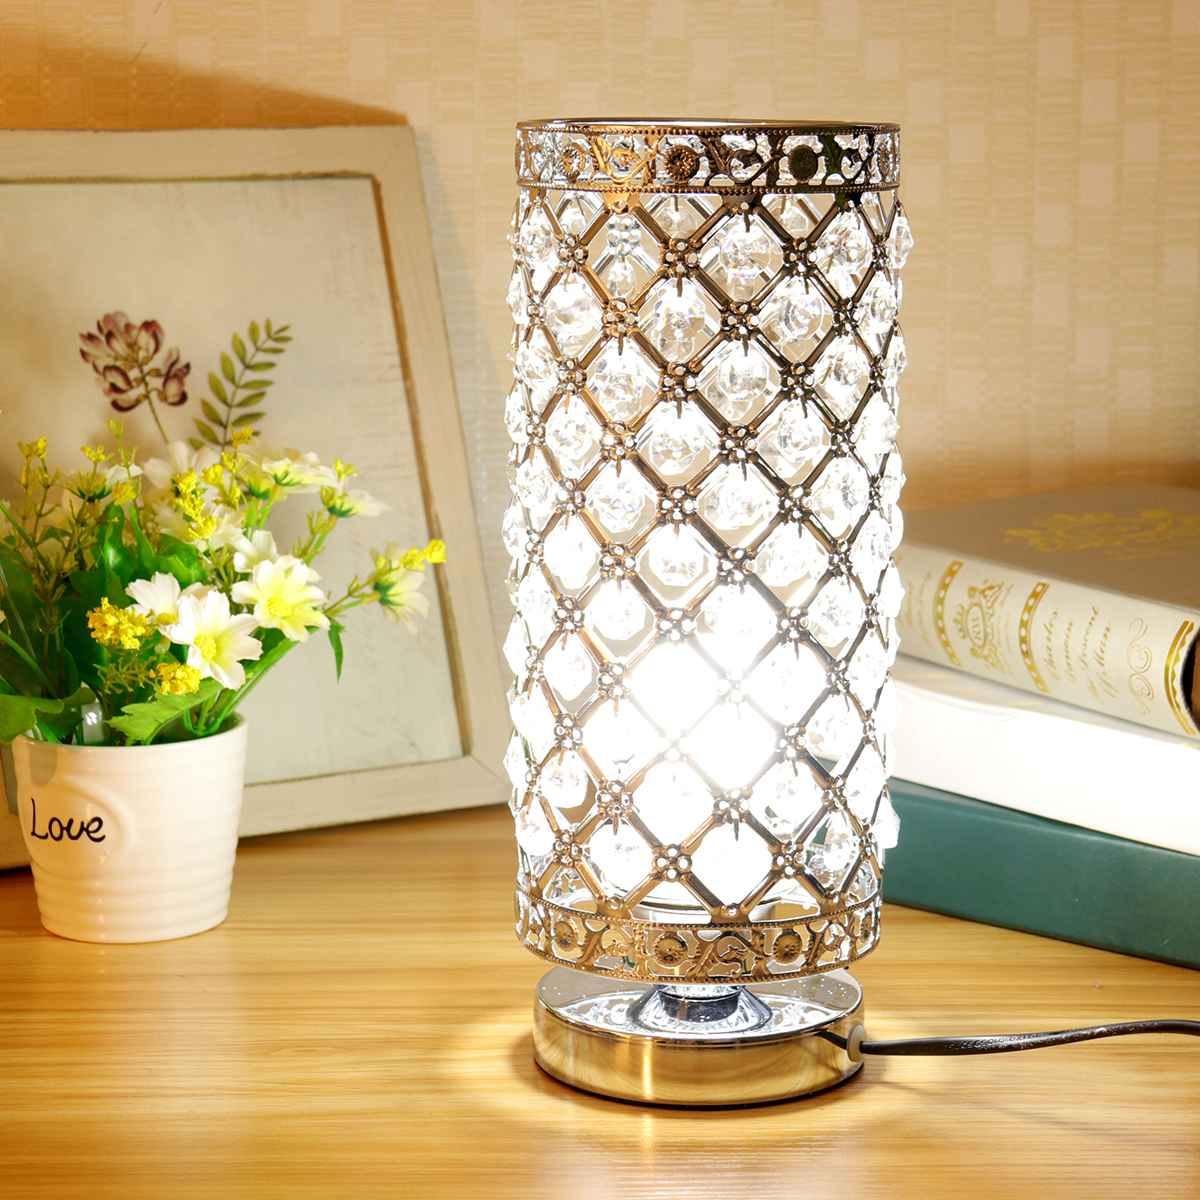 Modern kristal masa masa lamba ışığı başucu gece lambası E27 tutucu ev yatak odası dekorasyon ayarlanabilir iç mekan aydınlatması